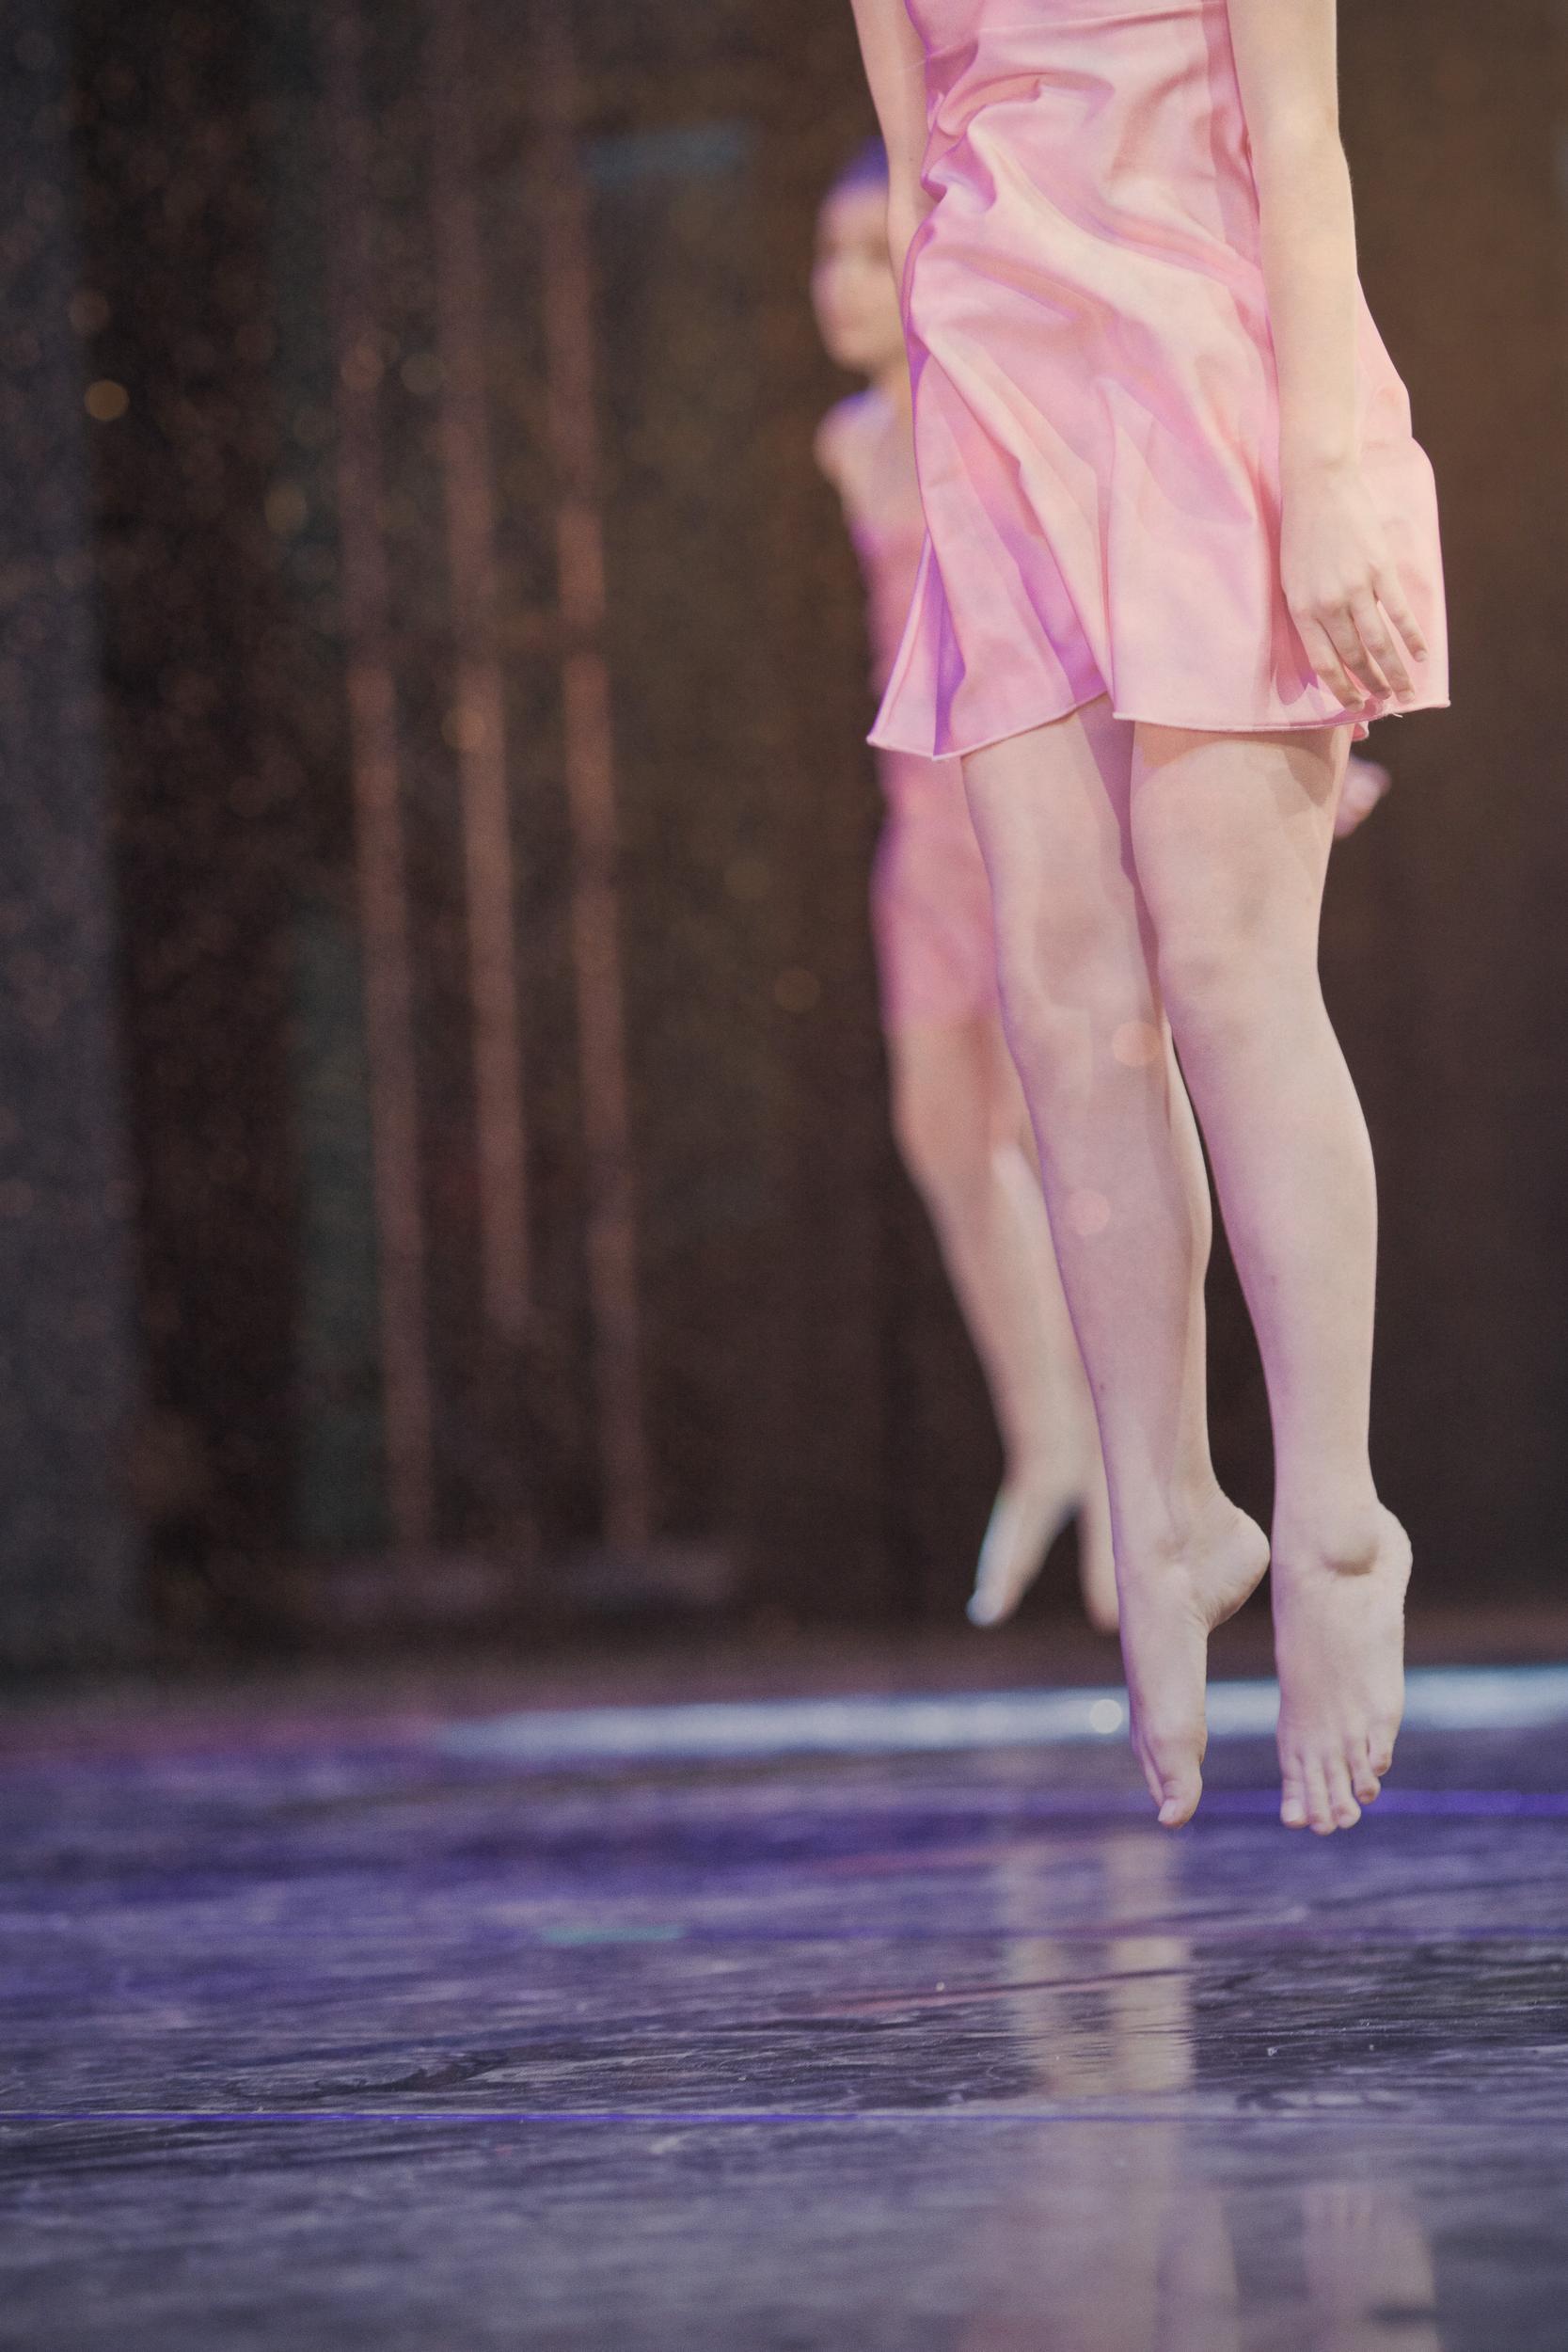 foto_saggio_di_danza (90).jpg